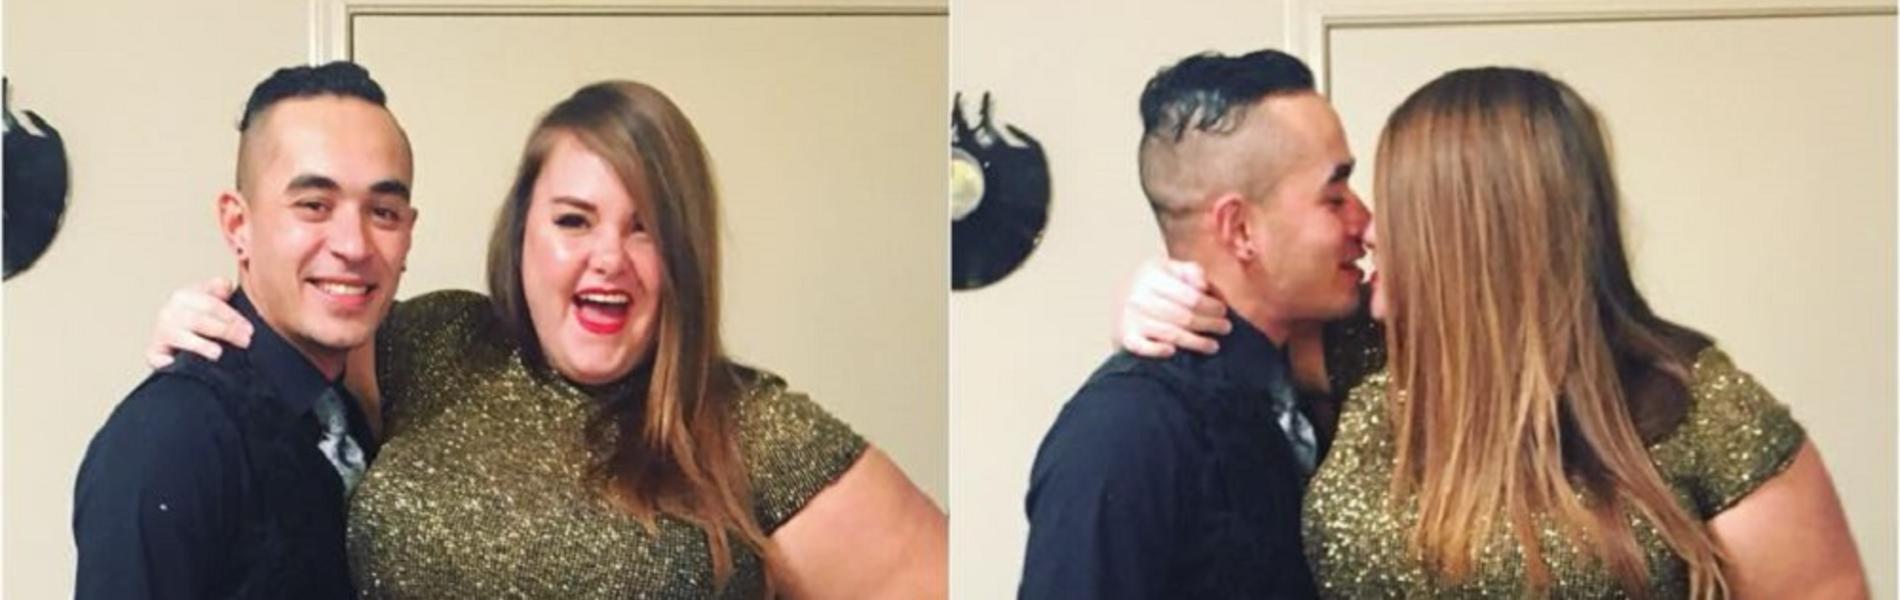 תמונה של בלוגרית שמנה עם בן זוגה הרזה עוררה סערה ברשת